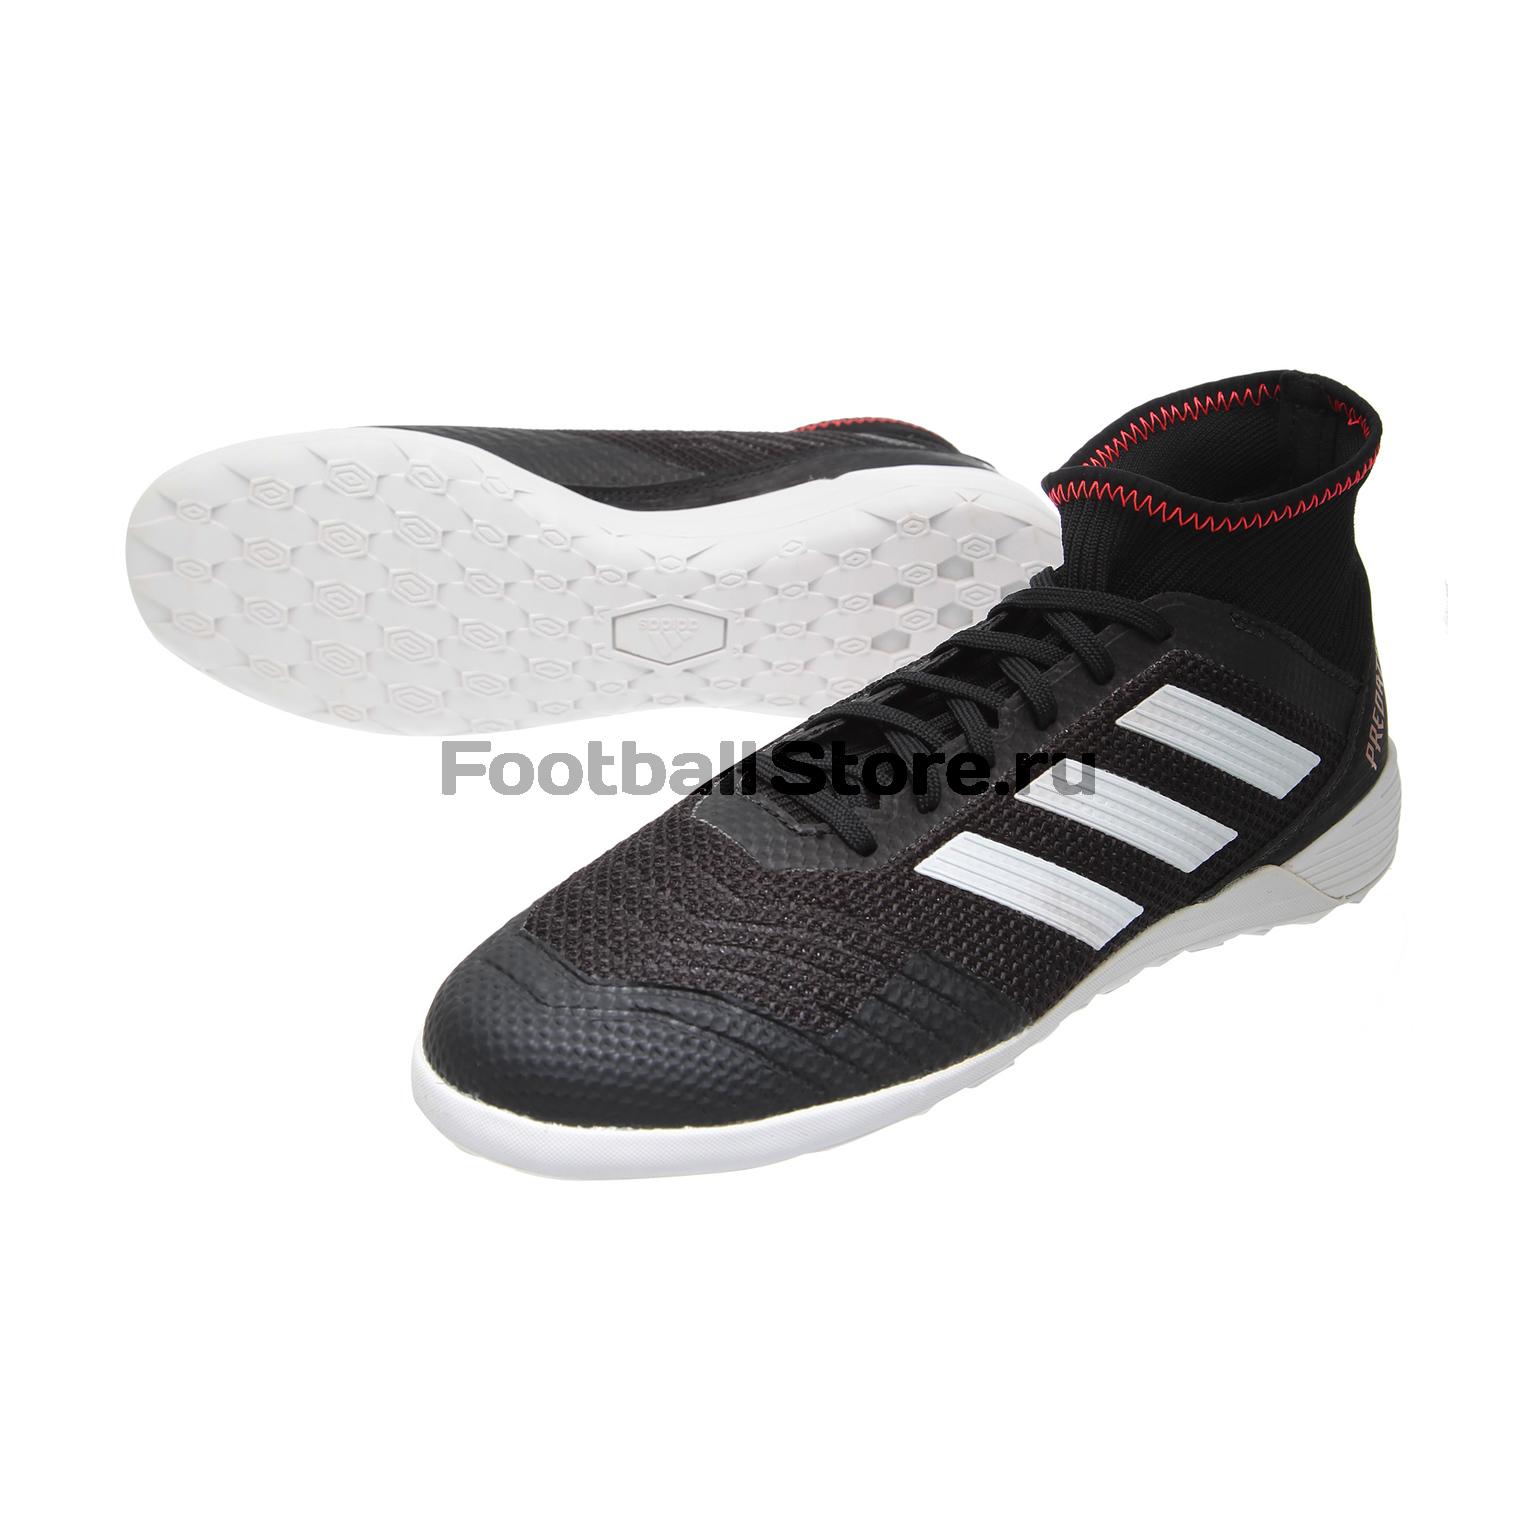 Обувь для зала Adidas Обувь для зала Adidas Predator Tango 18.3 IN CP9282